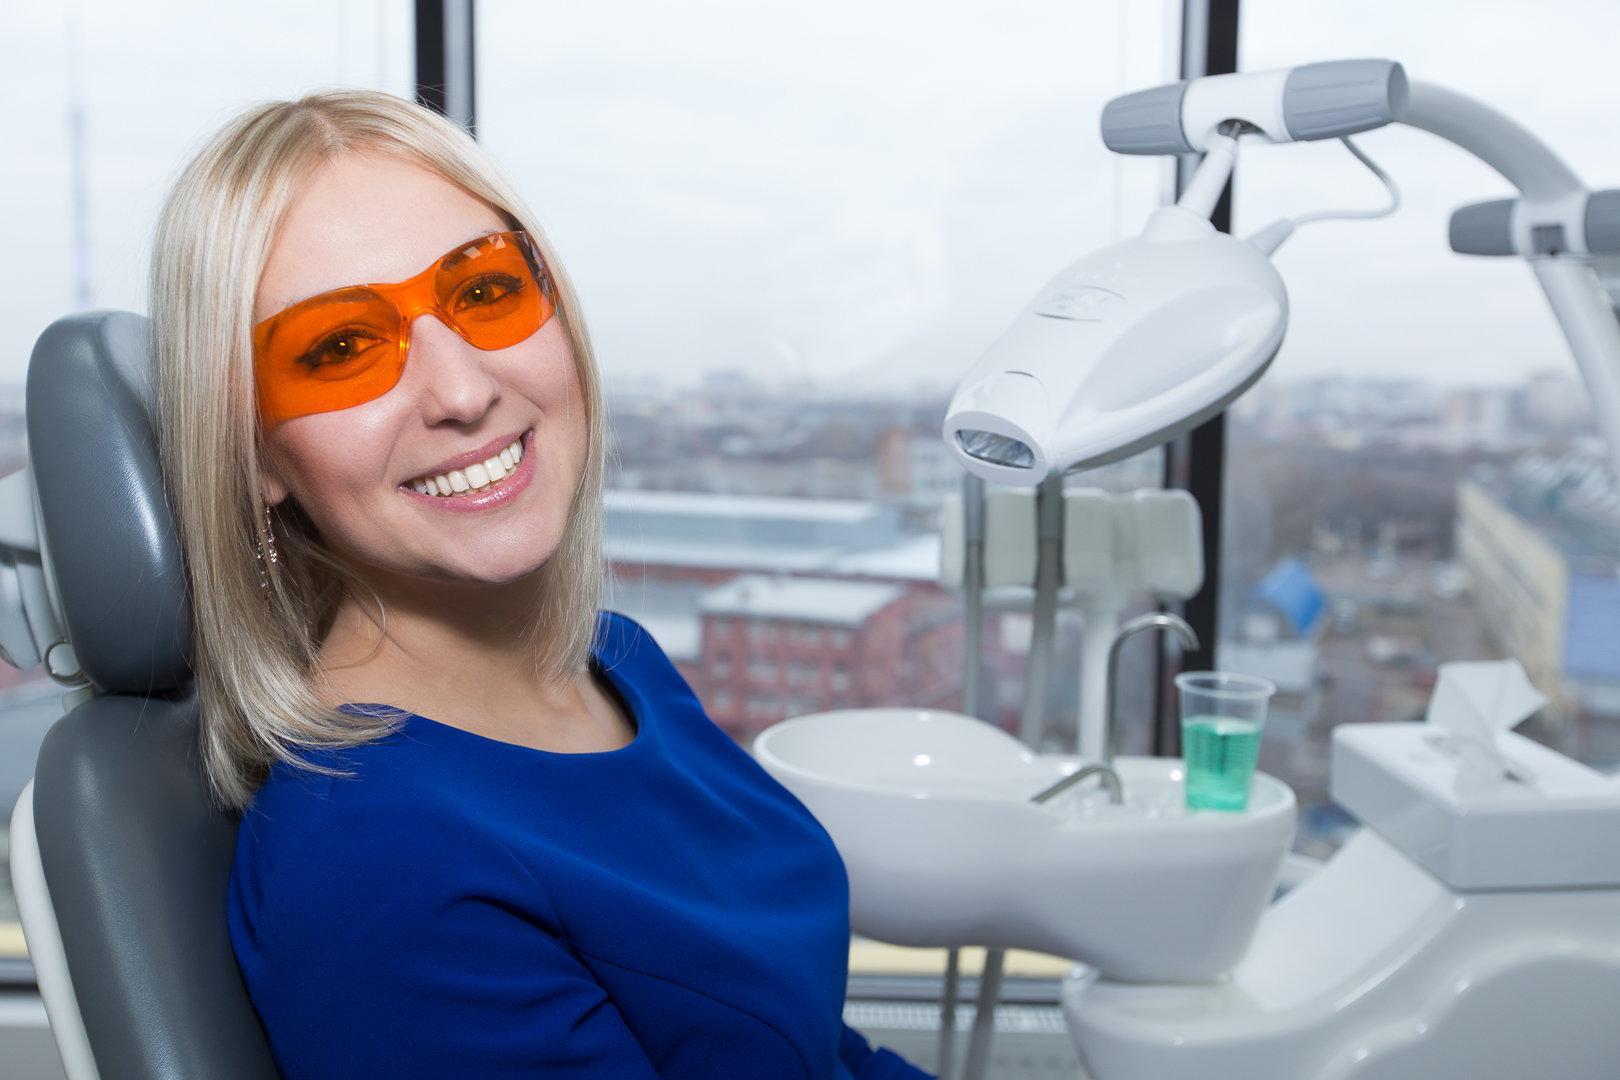 фотография Стоматологической клиники iMED City Clinic на Новодмитровской улице